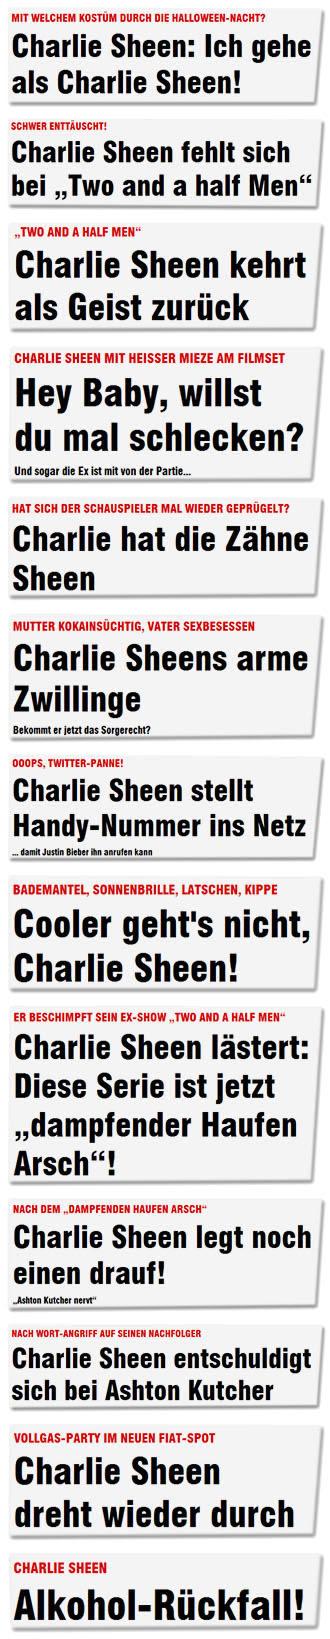 Charlie_Sheen_auf_Bild_de_08